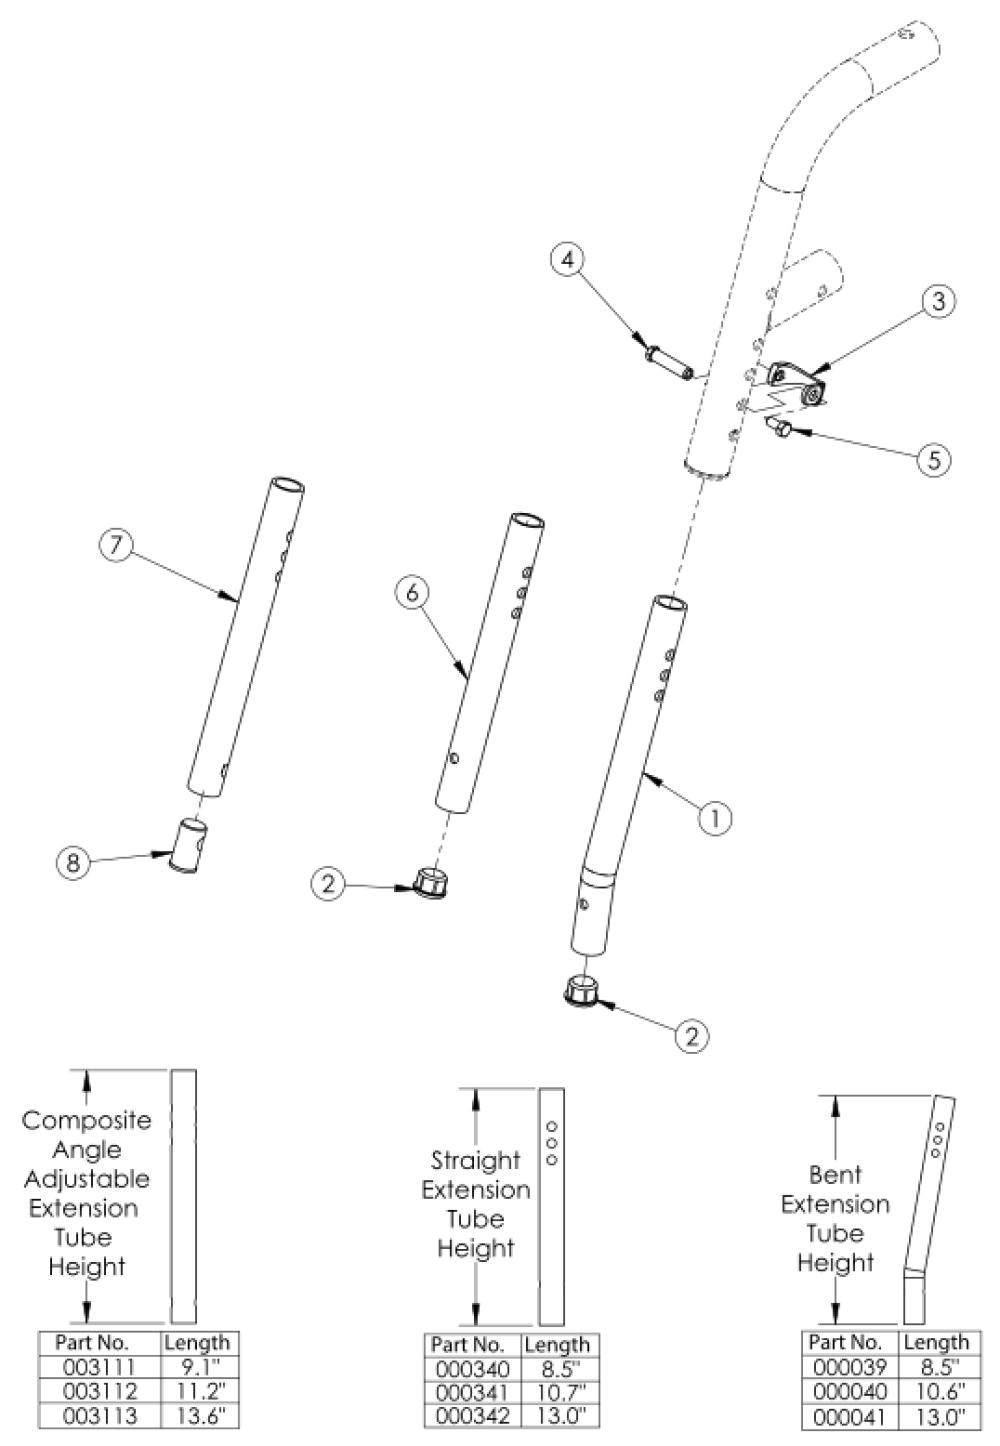 Hanger Extension Tubes parts diagram